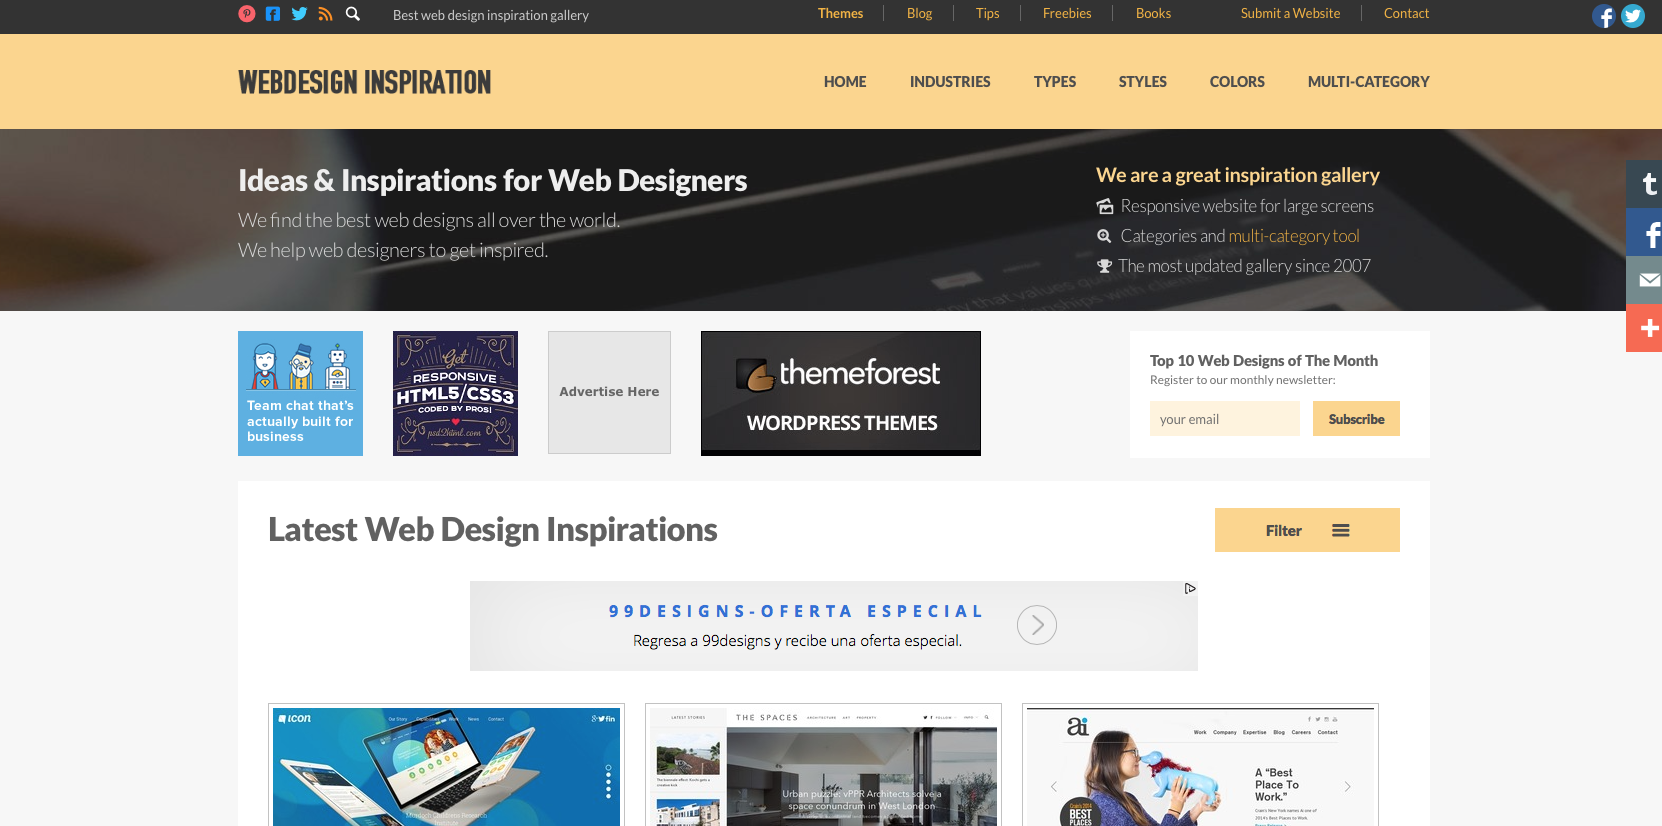 Inspiración para emprendedores Web design inspiration  bee ingenious